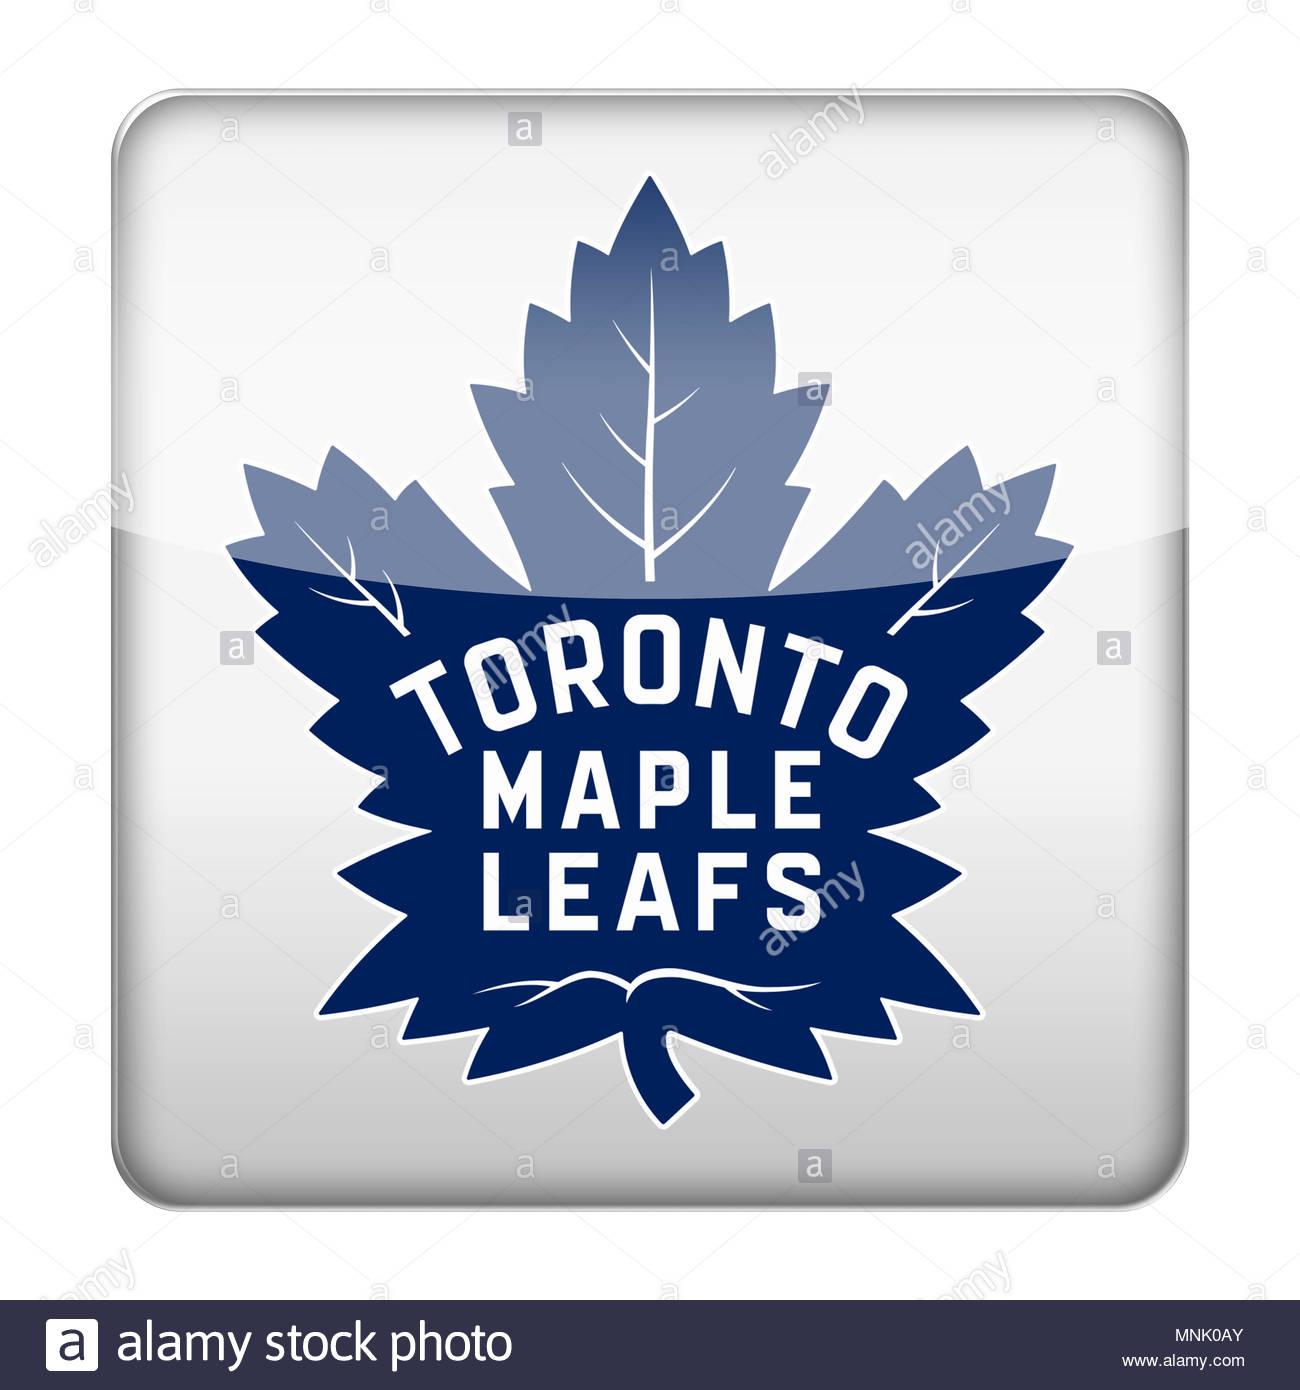 Toronto Maple Leafs icon logo - Stock Image